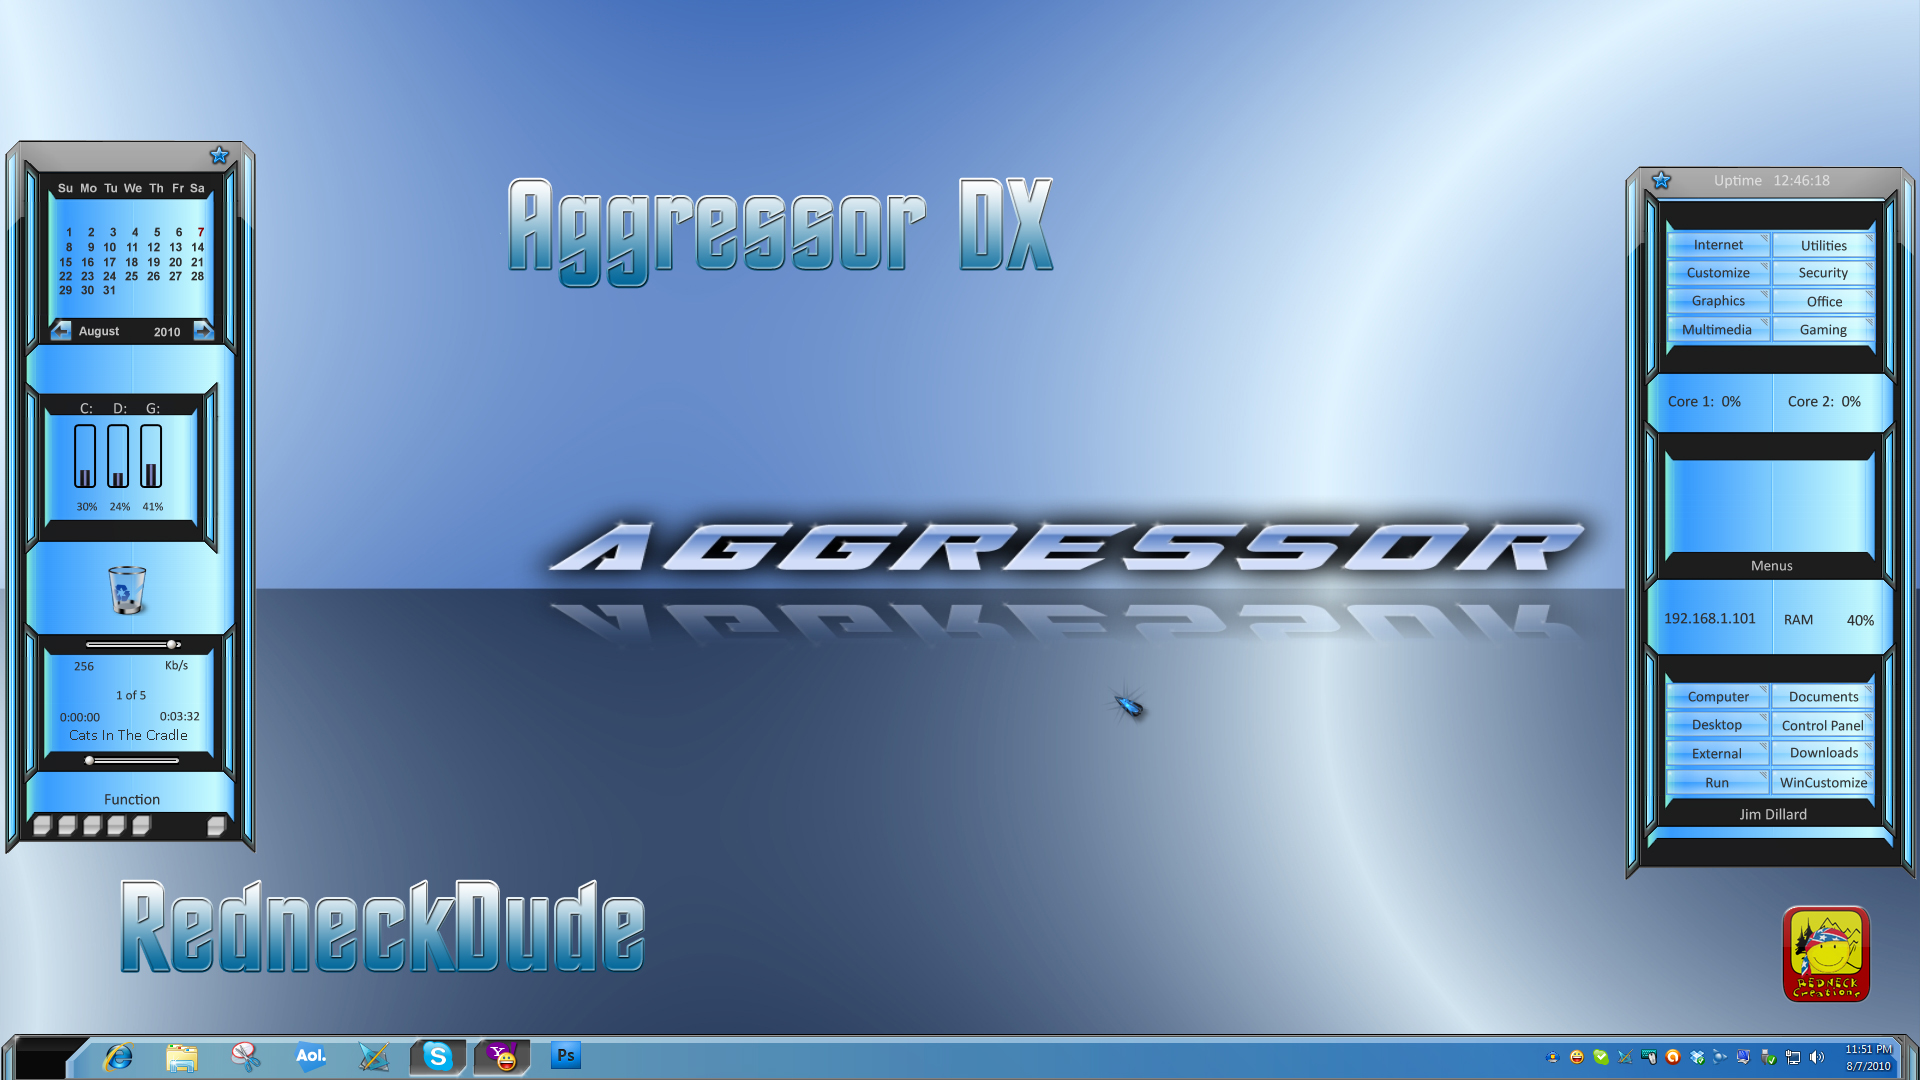 Aggressor DX